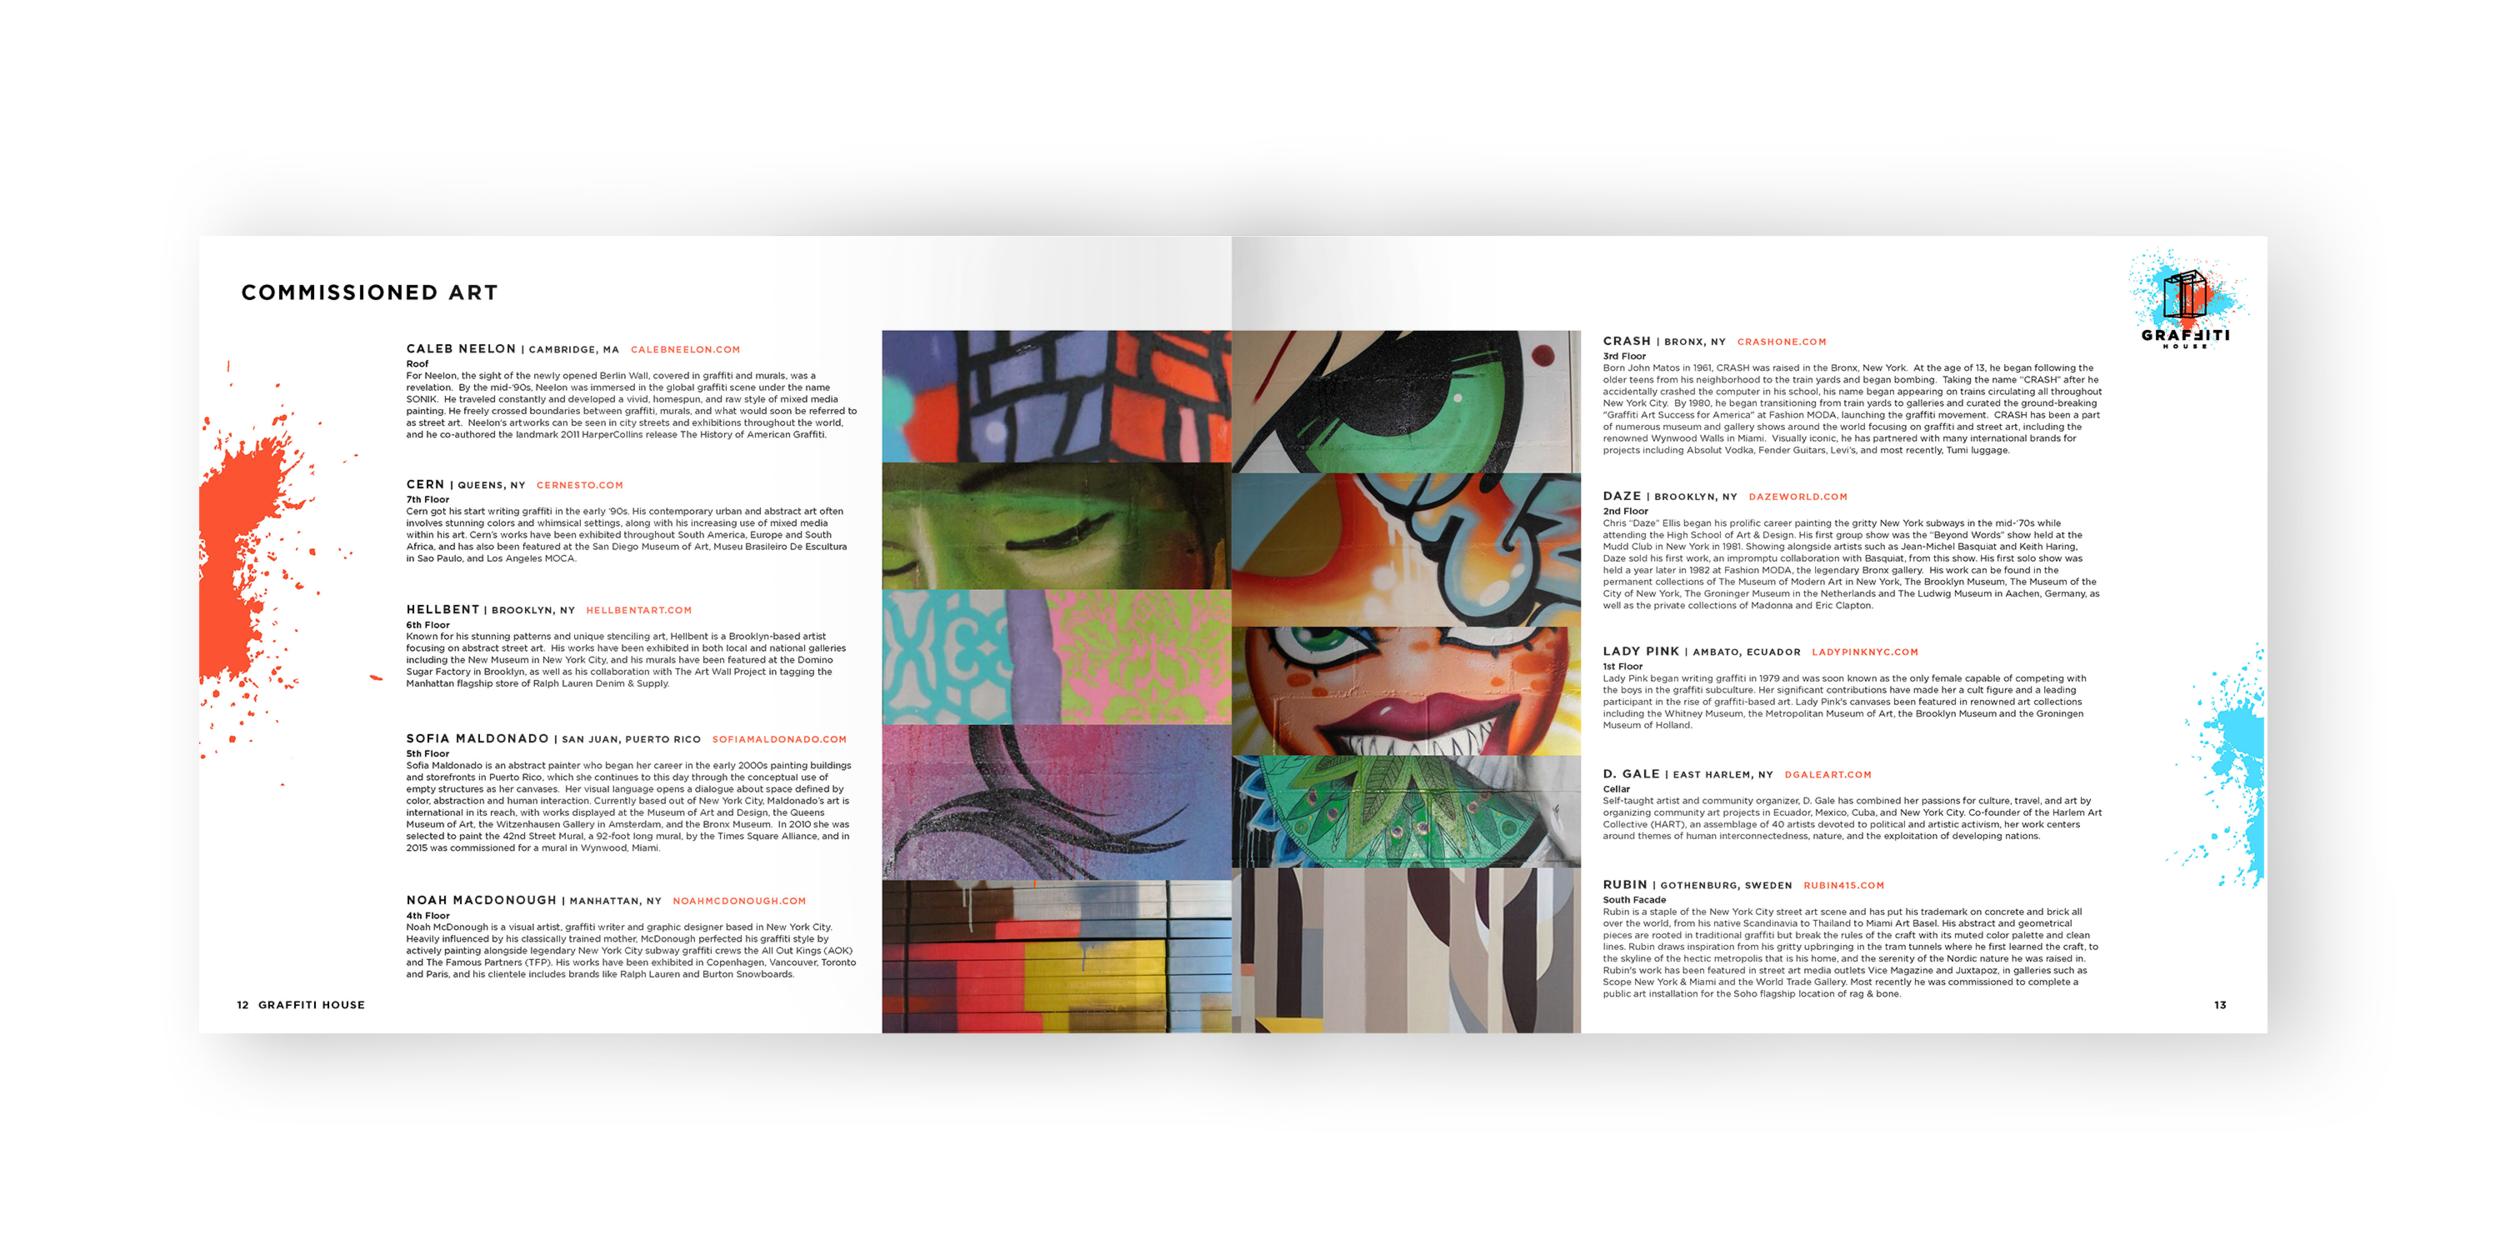 WBCG_Graffiti_Book_12.png